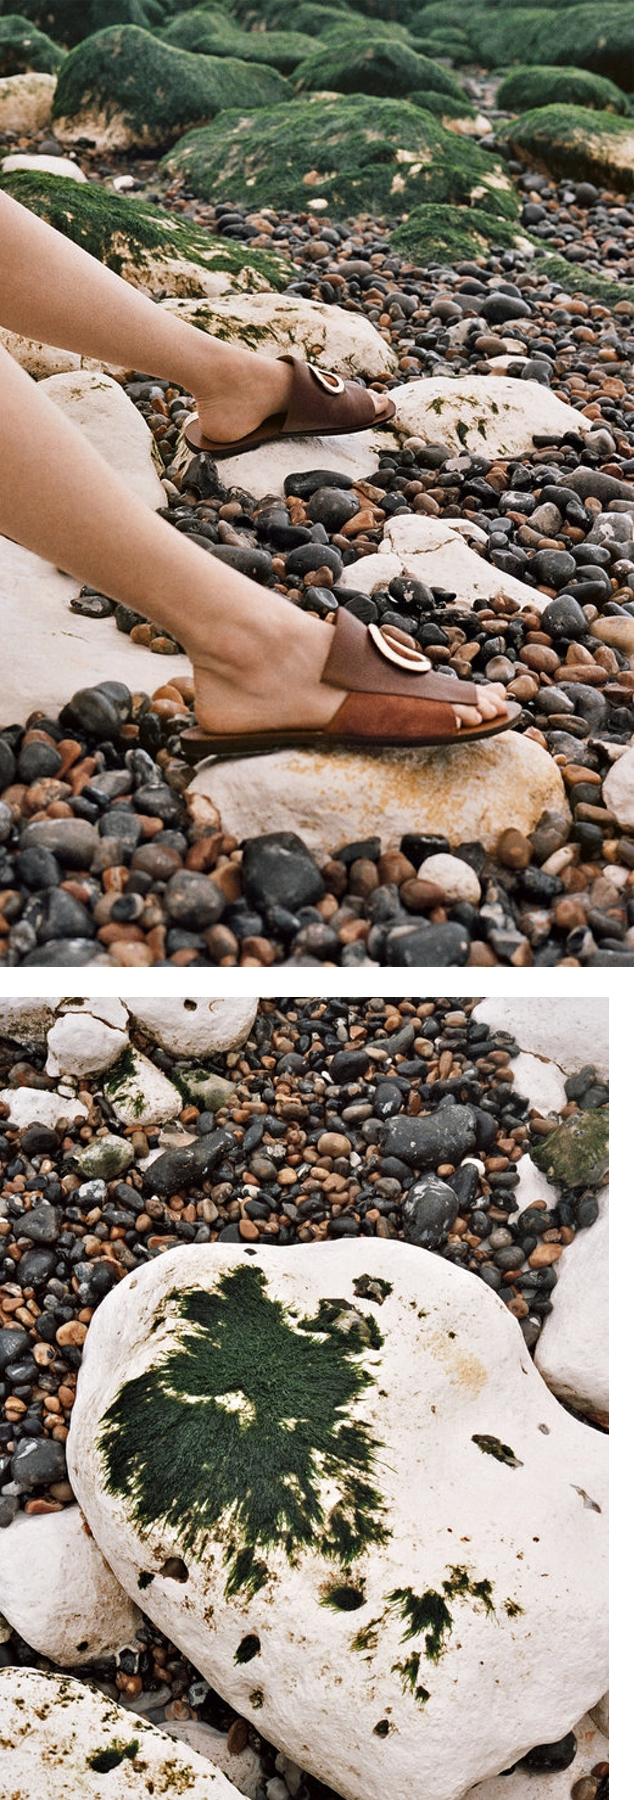 neous shoes - lawnparty | ello